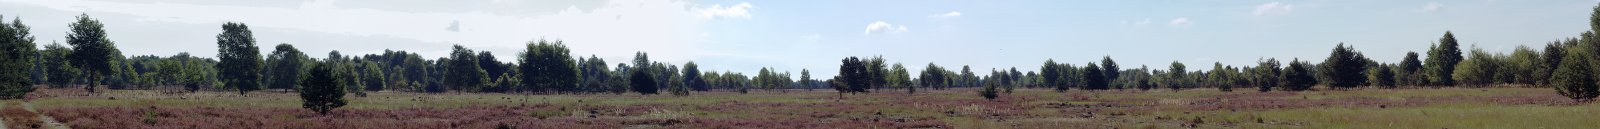 Kloster Himmelpfort, Erholungsort im Wald- und Seengebiet im Norden der Mark Brandenburg: Tangersdorfer Heide